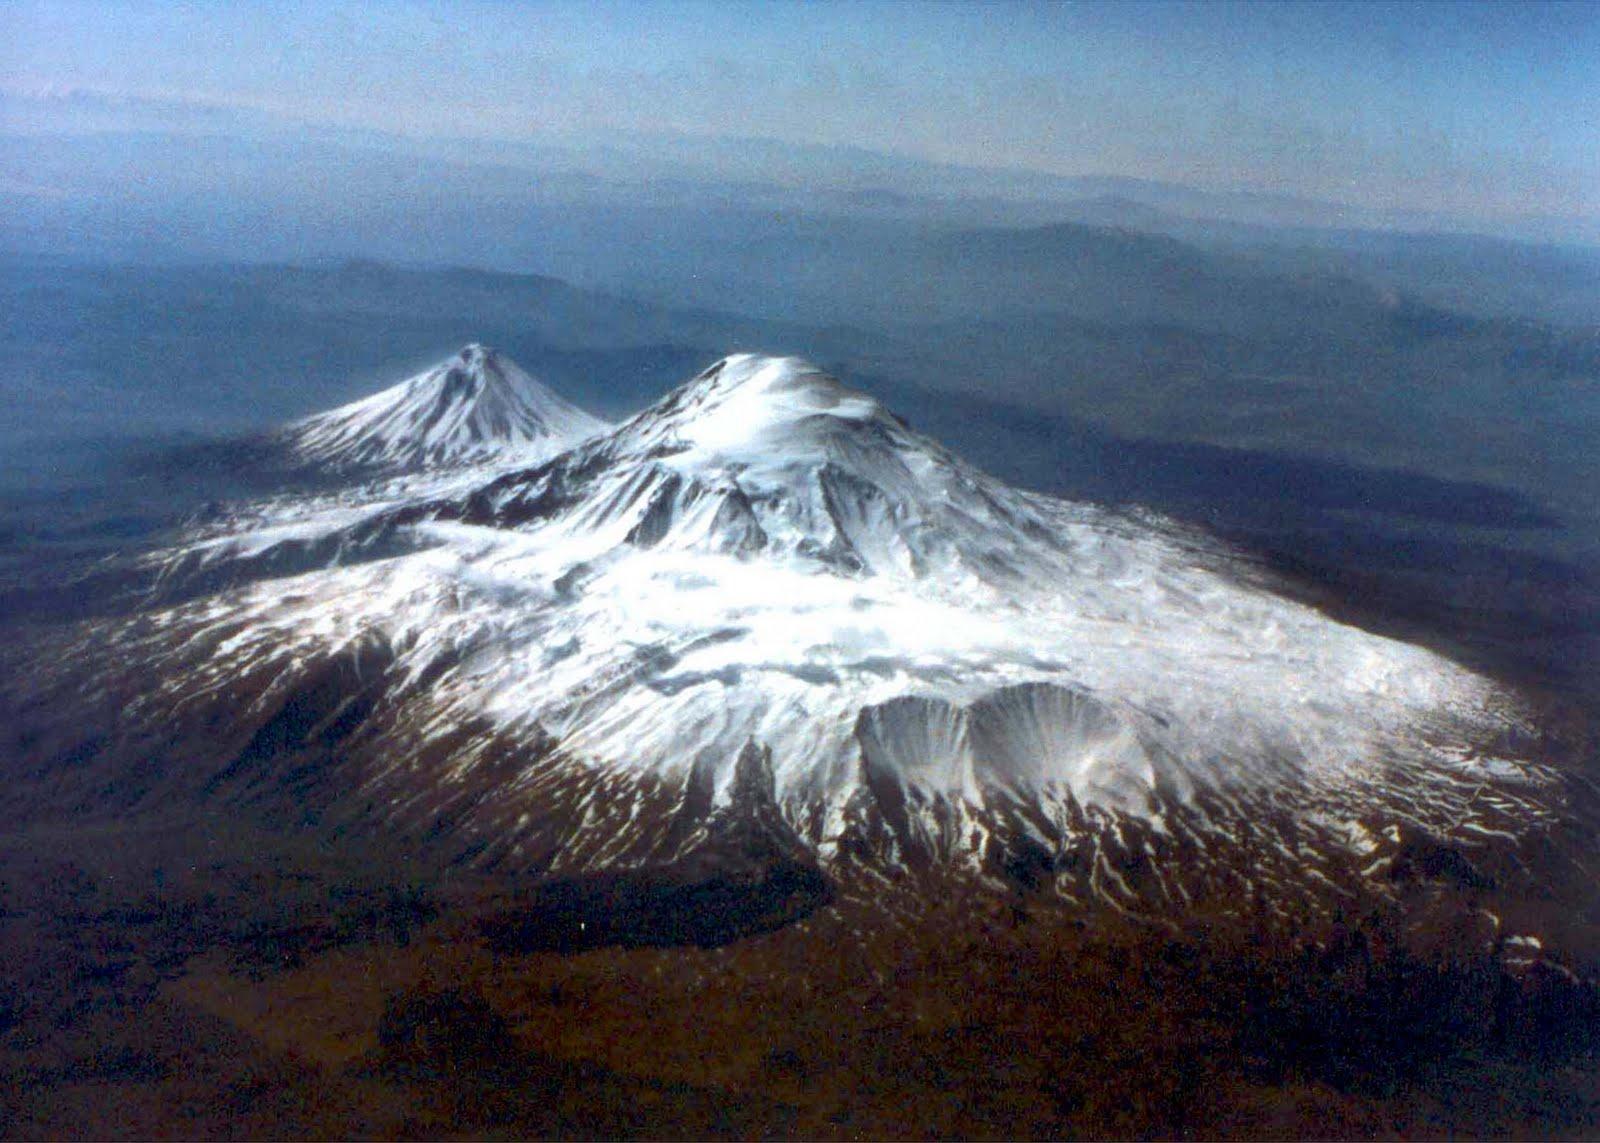 http://1.bp.blogspot.com/-D5z4xnIj7bc/TcORFBF_LZI/AAAAAAAAAB0/uqllH2yjPHY/s1600/Ararat.jpg